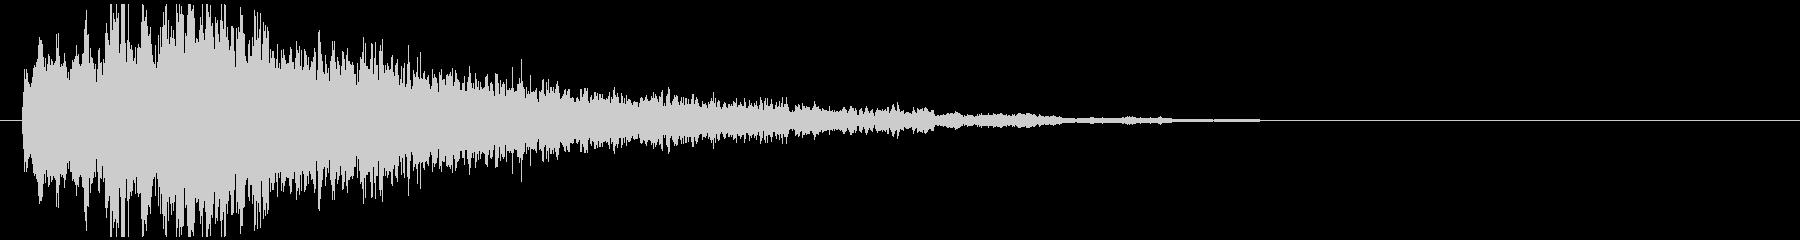 神秘的で透明感のあるアクセント音5の未再生の波形